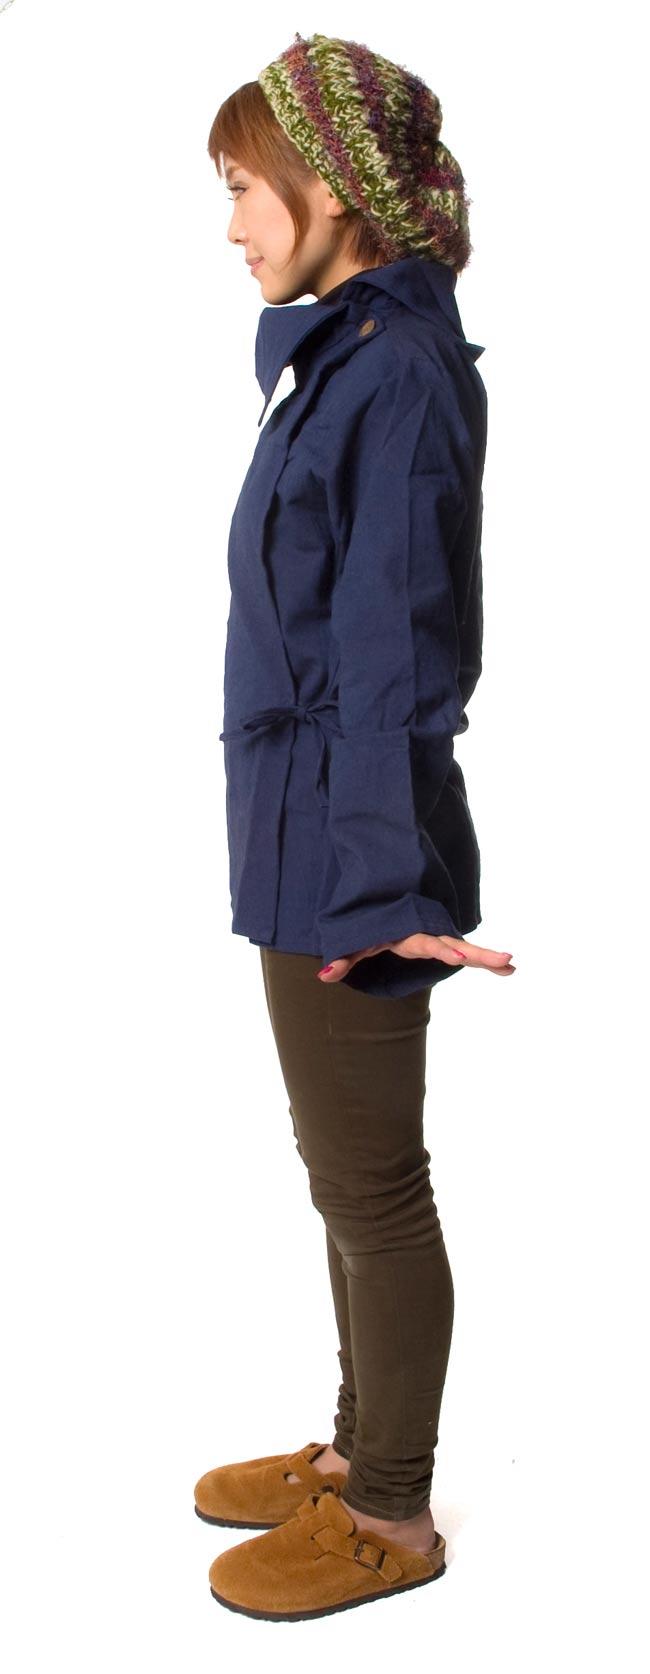 ウッドボタンのカシュクールジャケット 【紺】の写真3 - 横から見るとこんな感じです。